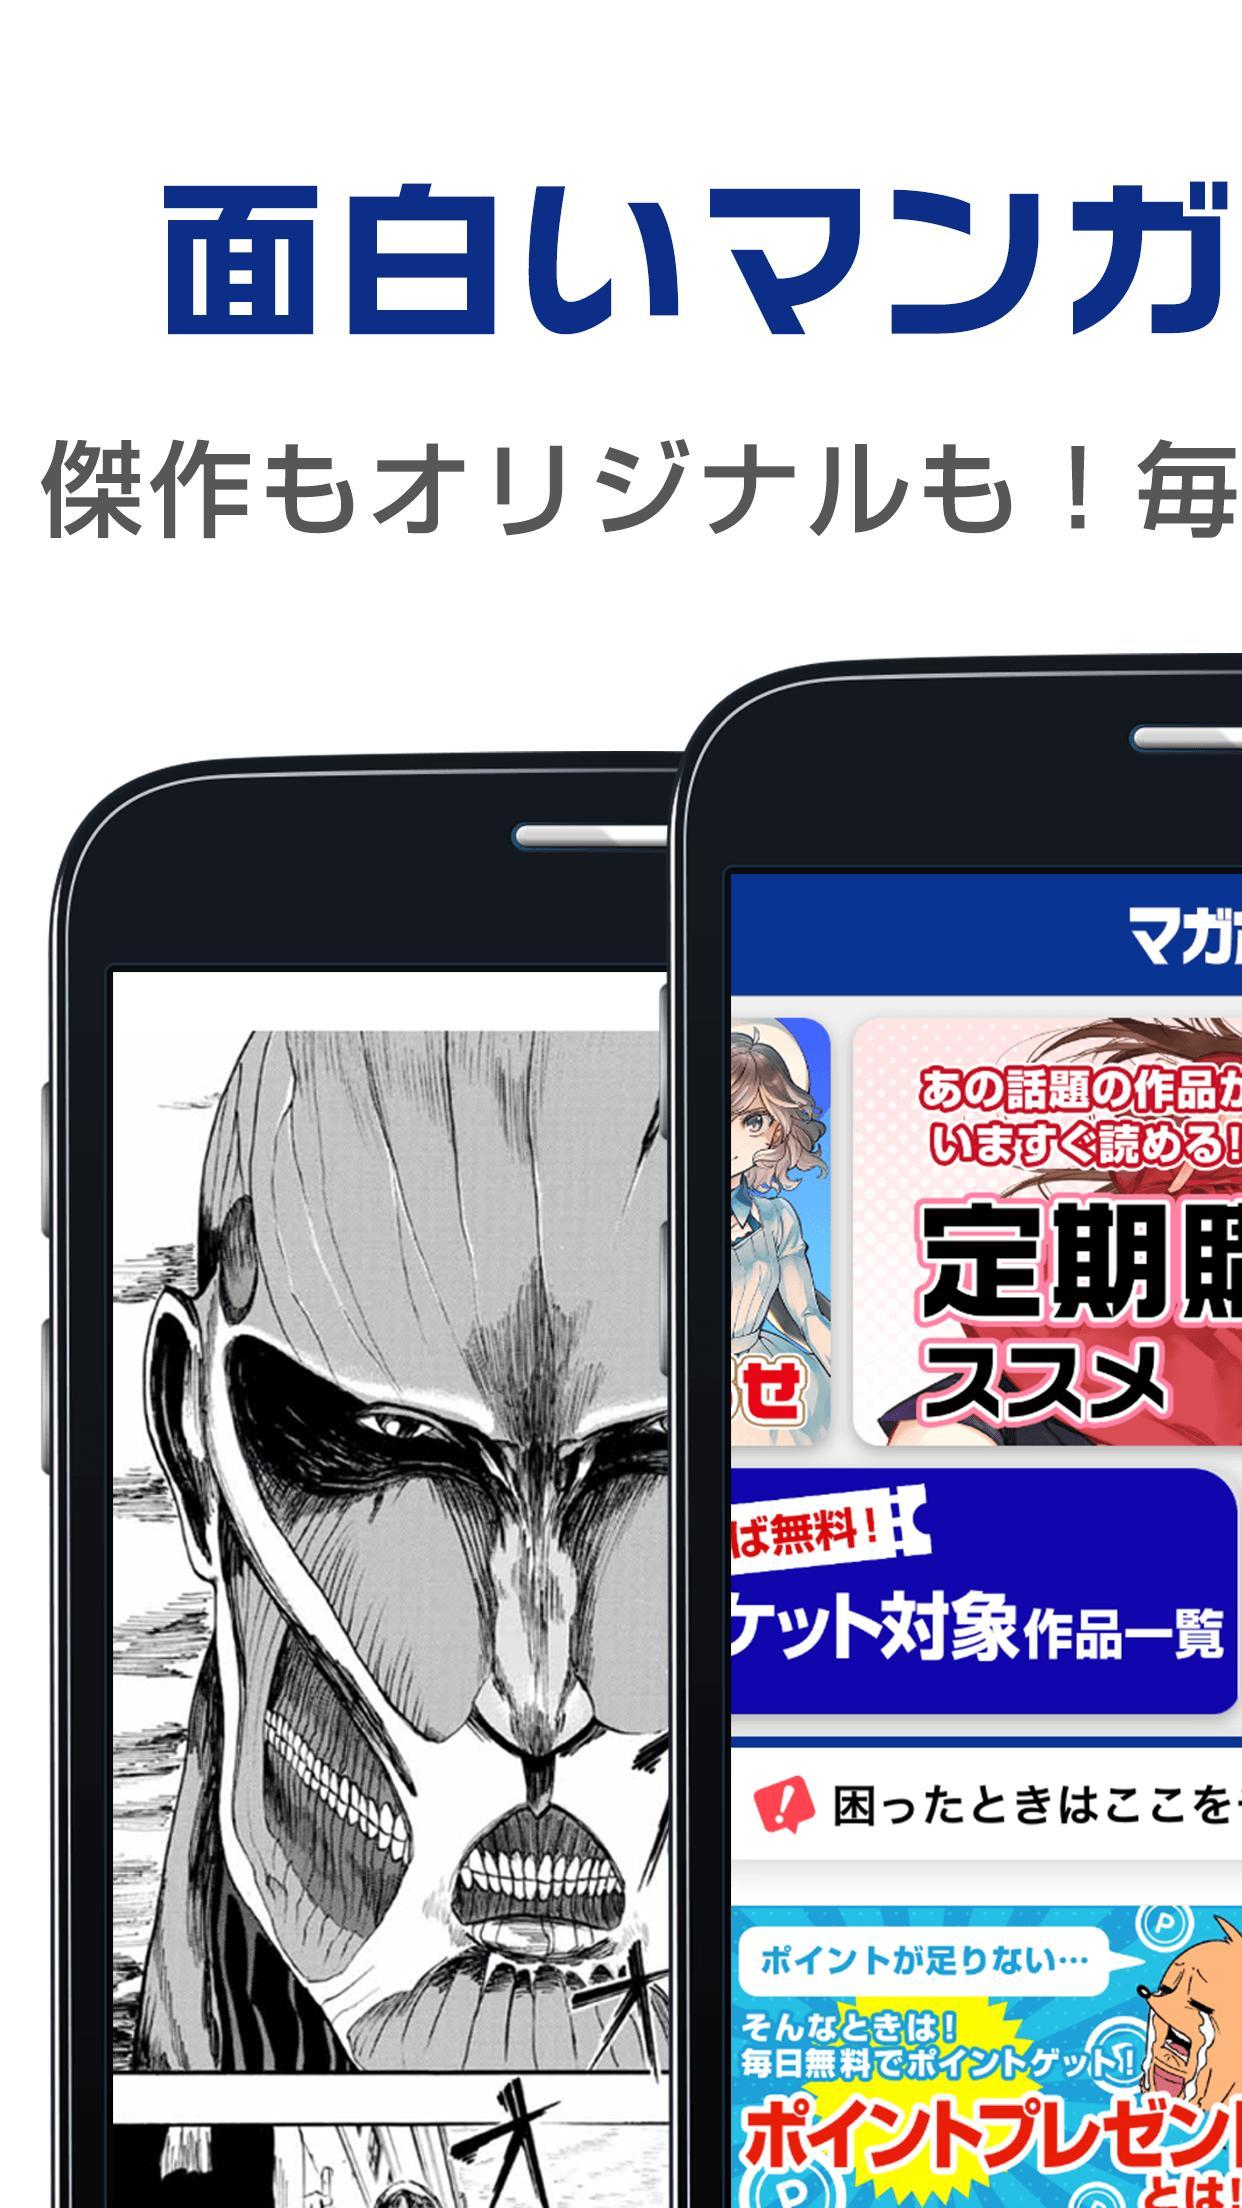 マガポケ 人気マンガが無料で読める、週刊少年マガジン公式コミックアプリ「マガジンポケット」 4.10.2 Screenshot 9